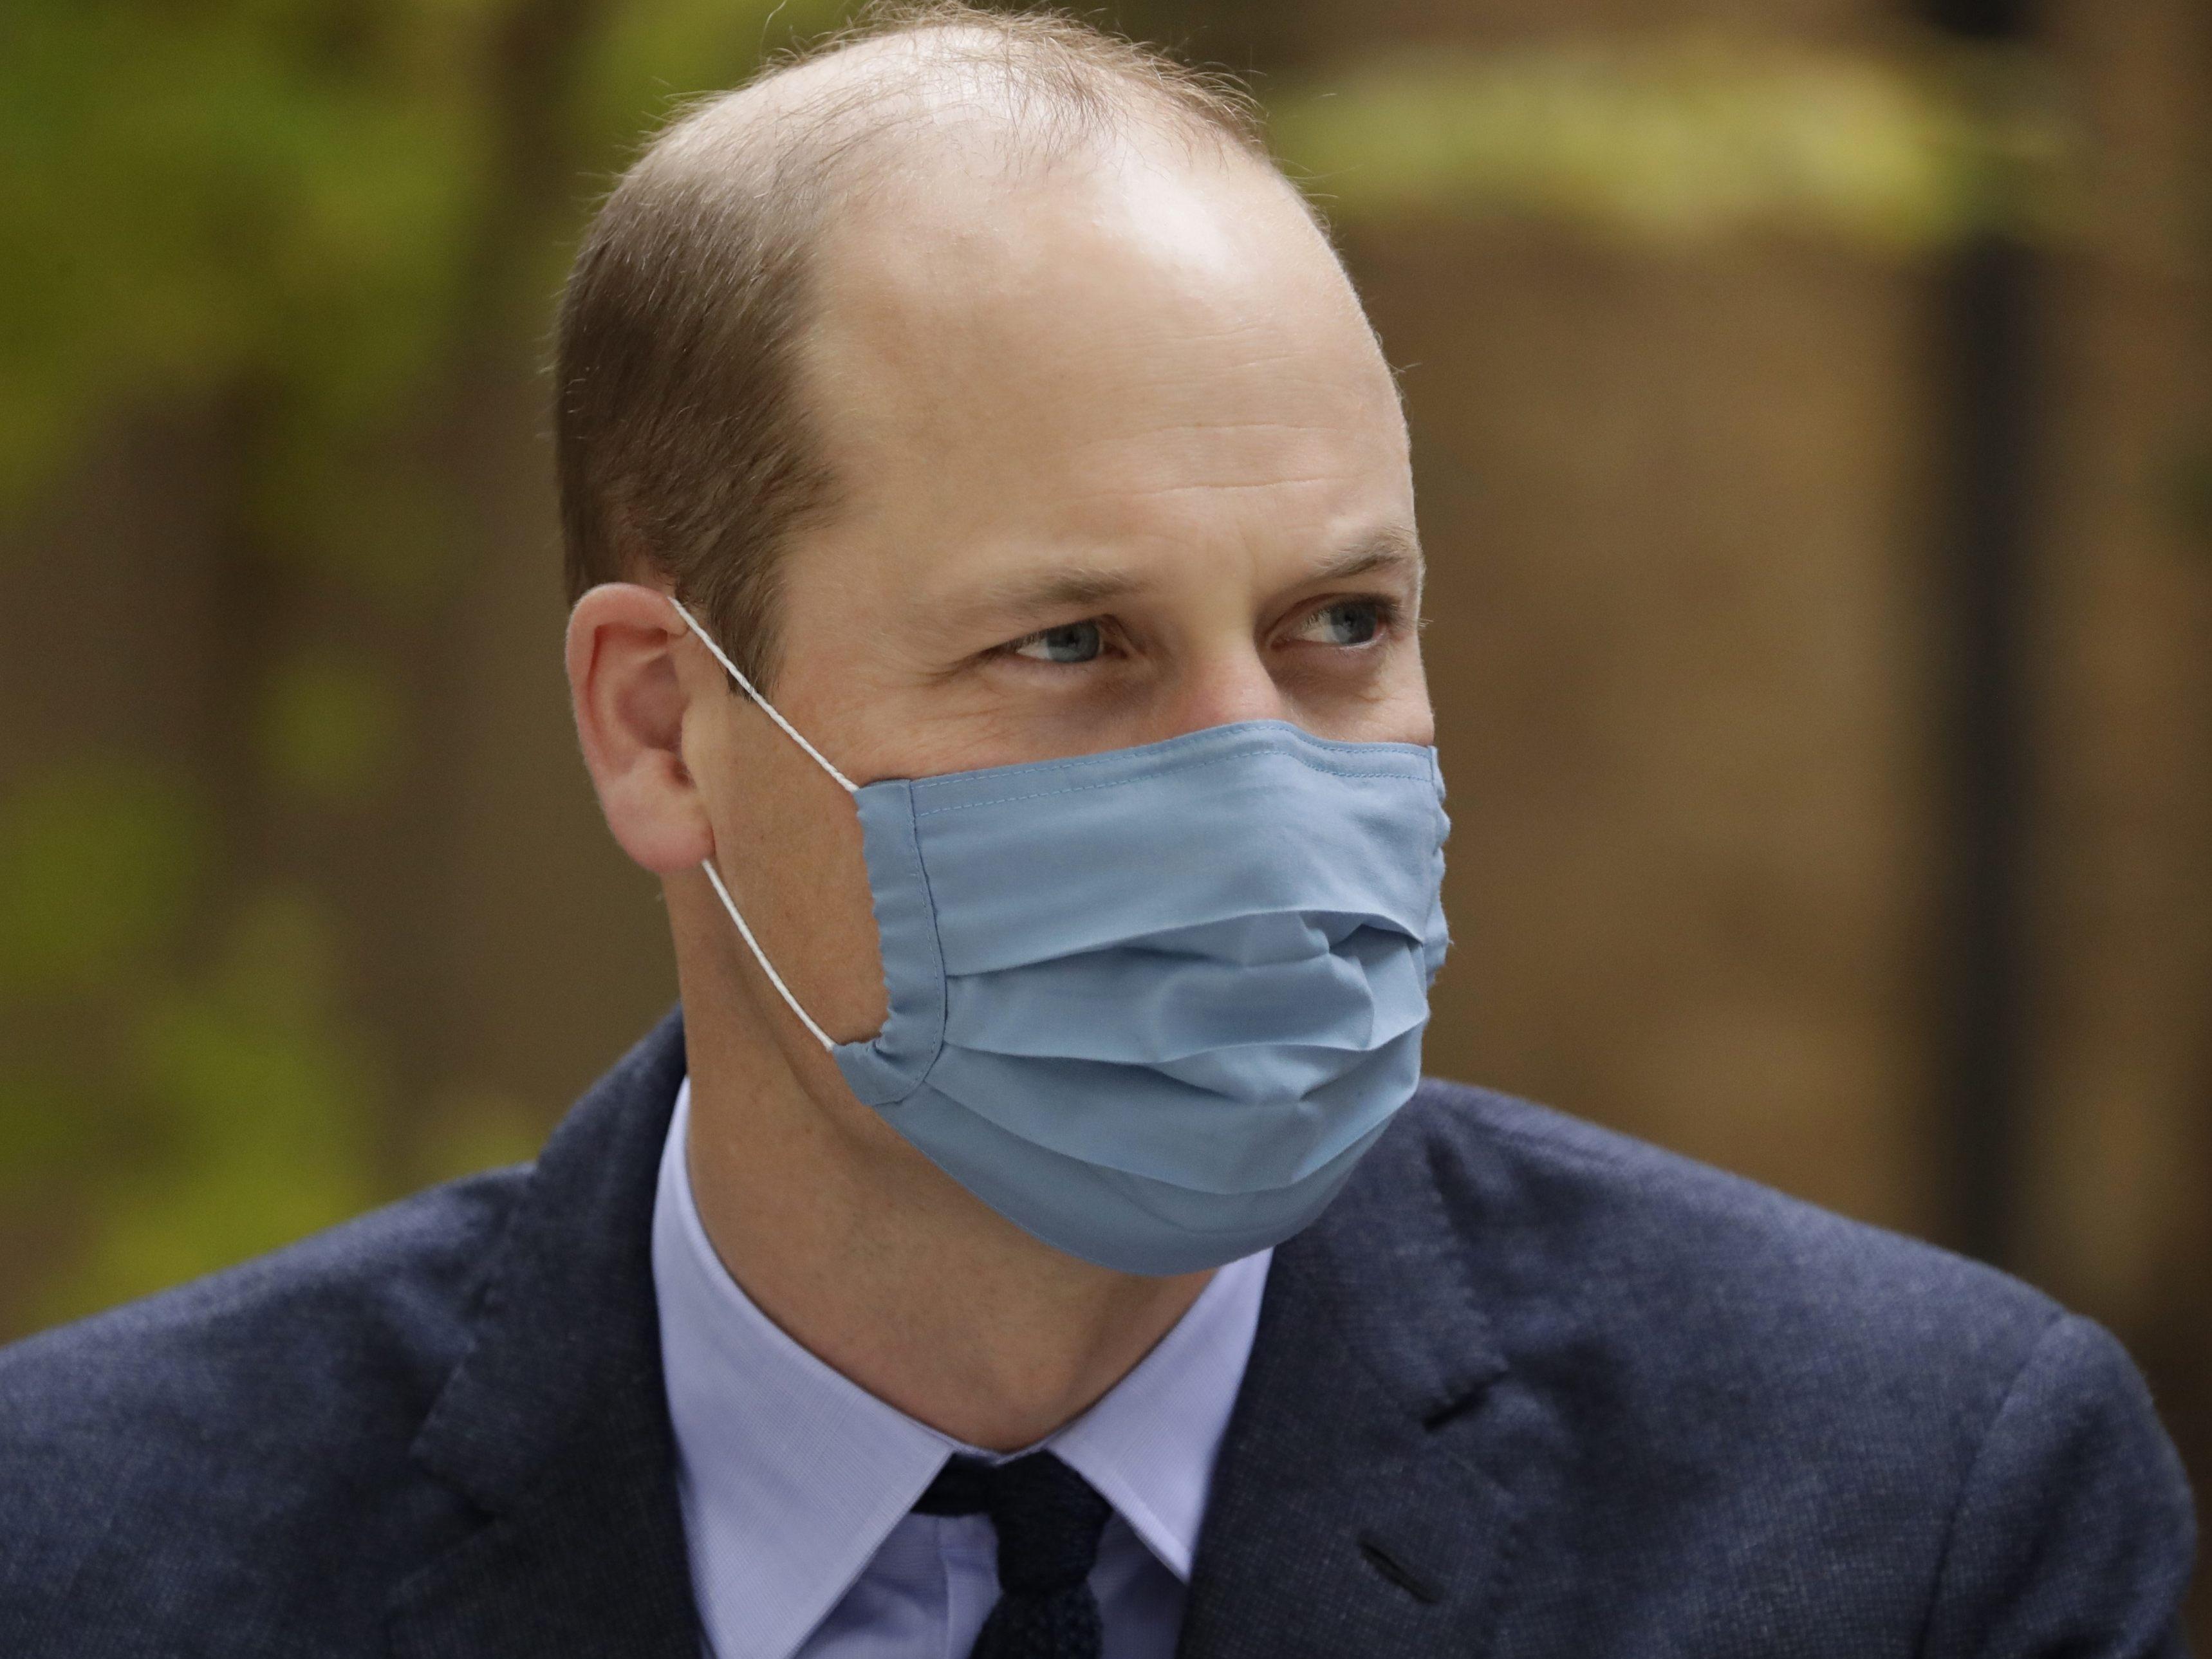 Prinz William war angeblich mit Corona infiziert